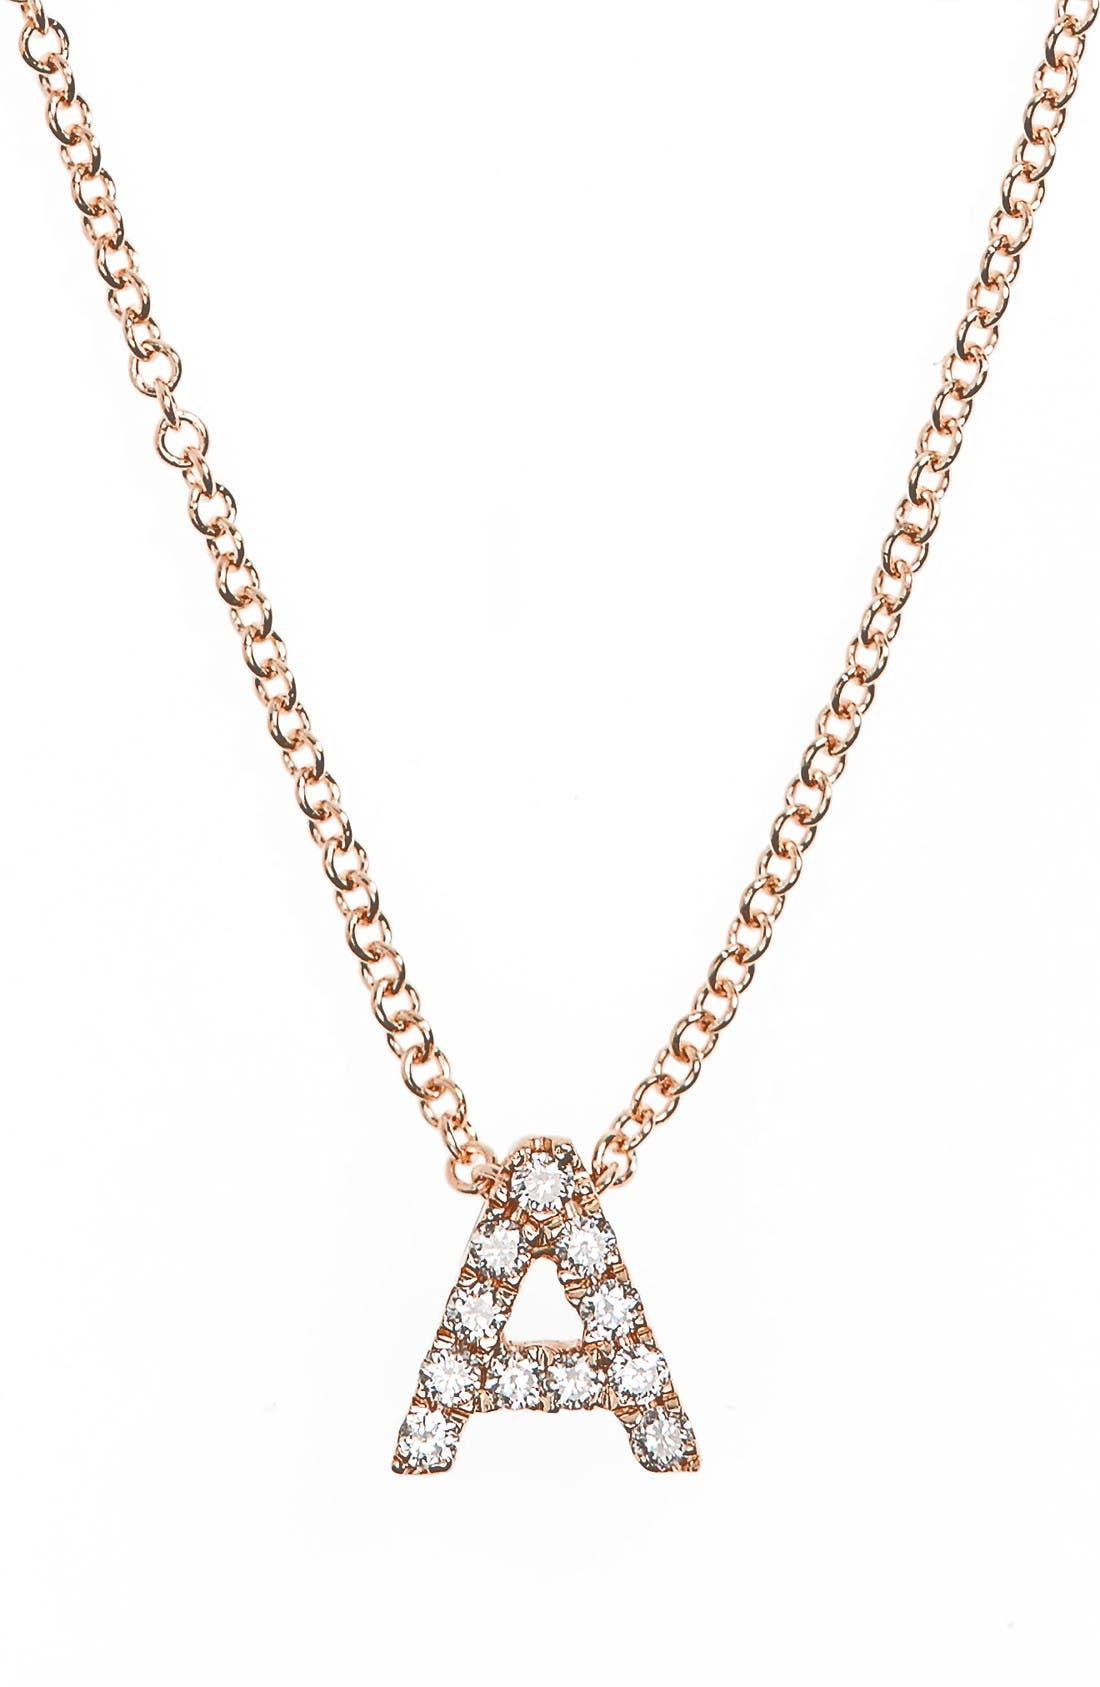 18k Gold Pavé Diamond Initial Pendant Necklace,                         Main,                         color, ROSE GOLD - A